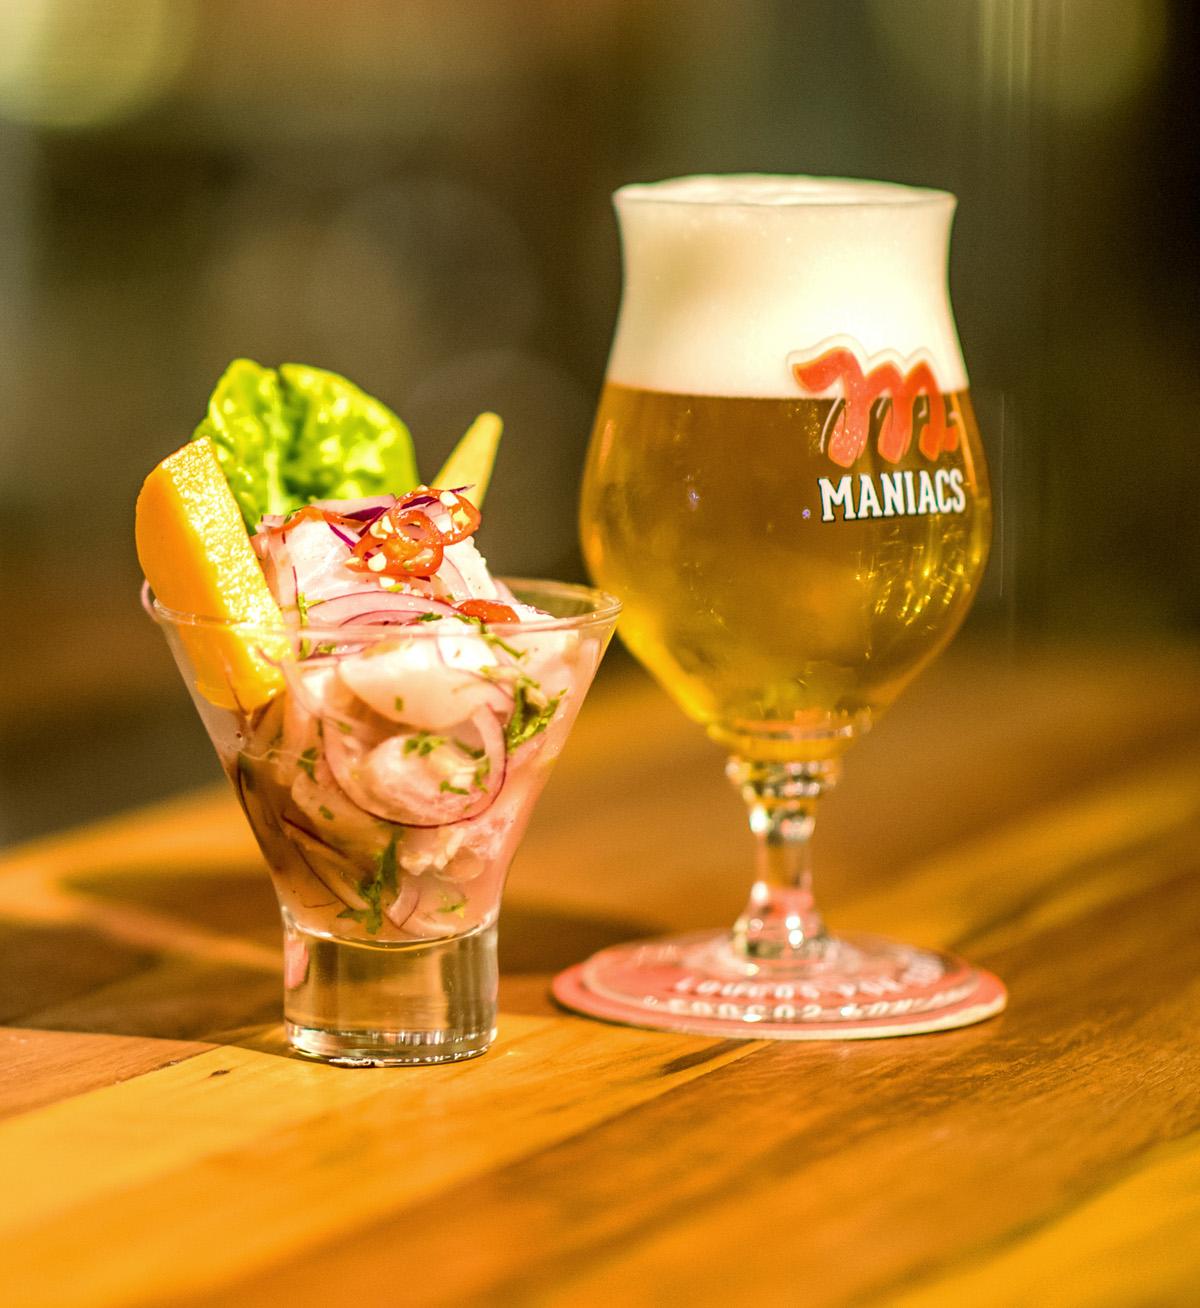 Todos os pratos do Bar da Fábrica Maniacs levam cerveja no preparo, até mesmo o ceviche peruano. Foto: Fernando Nobre/divulgação